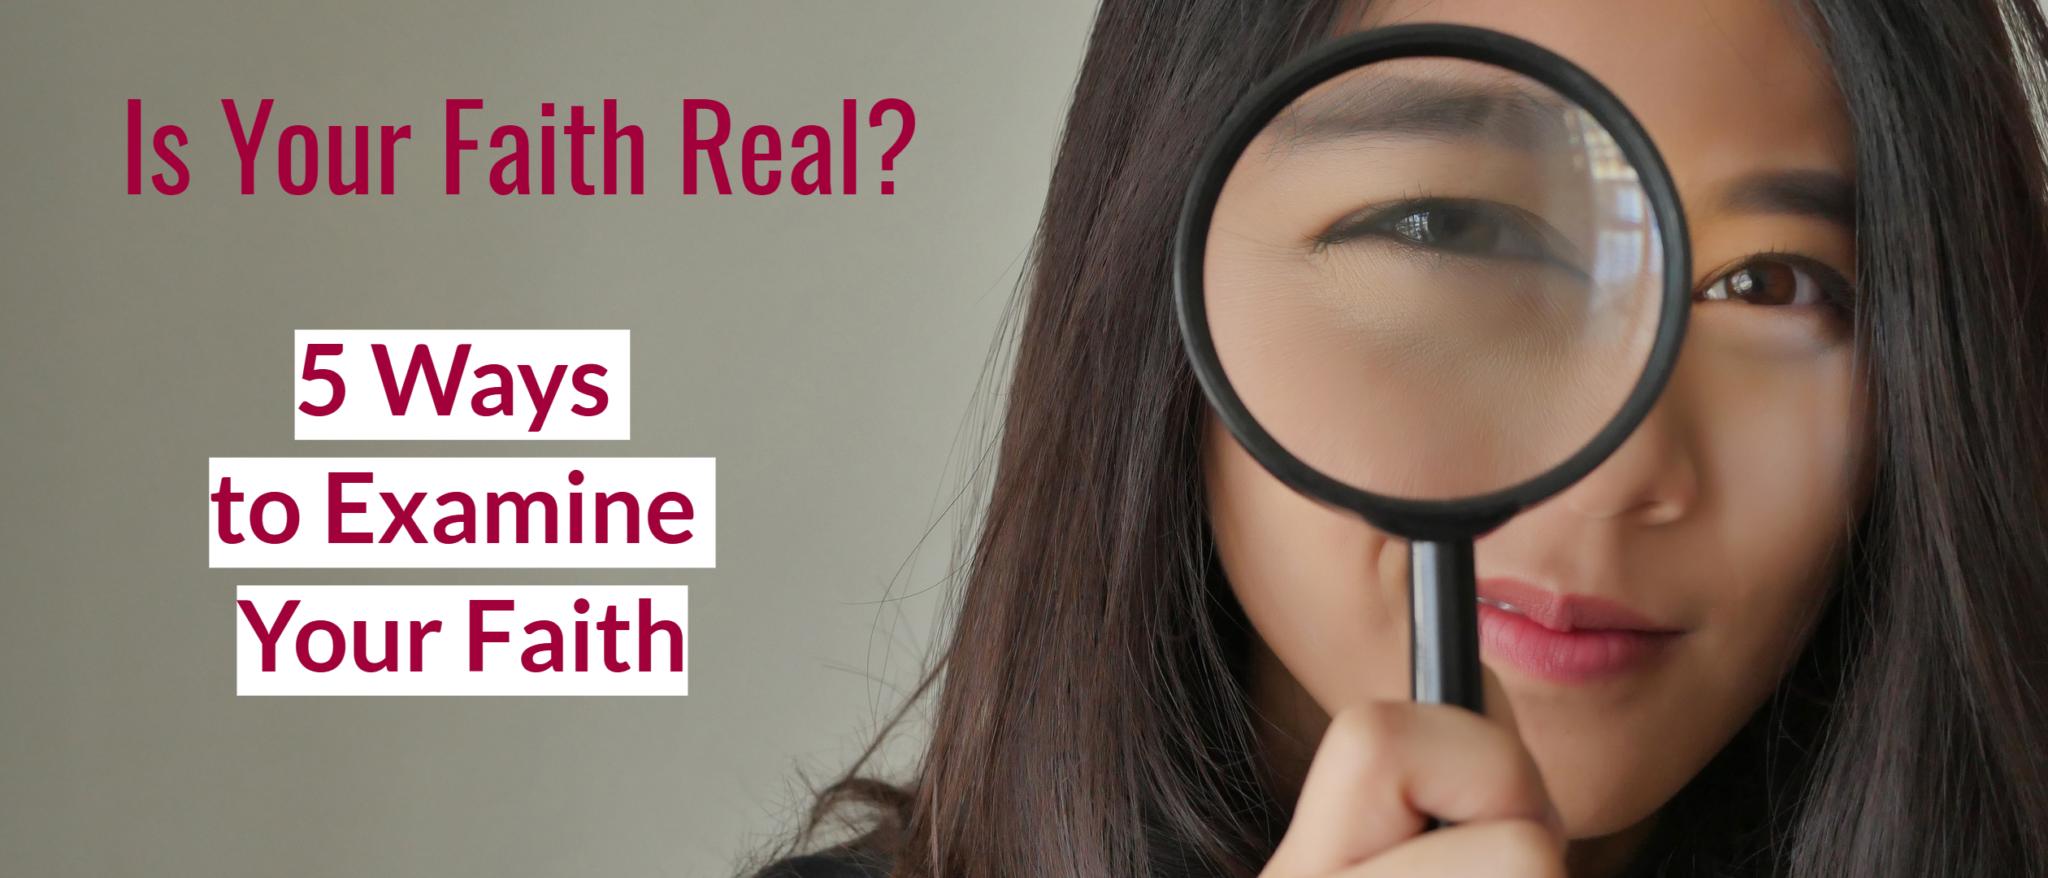 Examine Your Faith Post - Five Ways To examine Your Faith